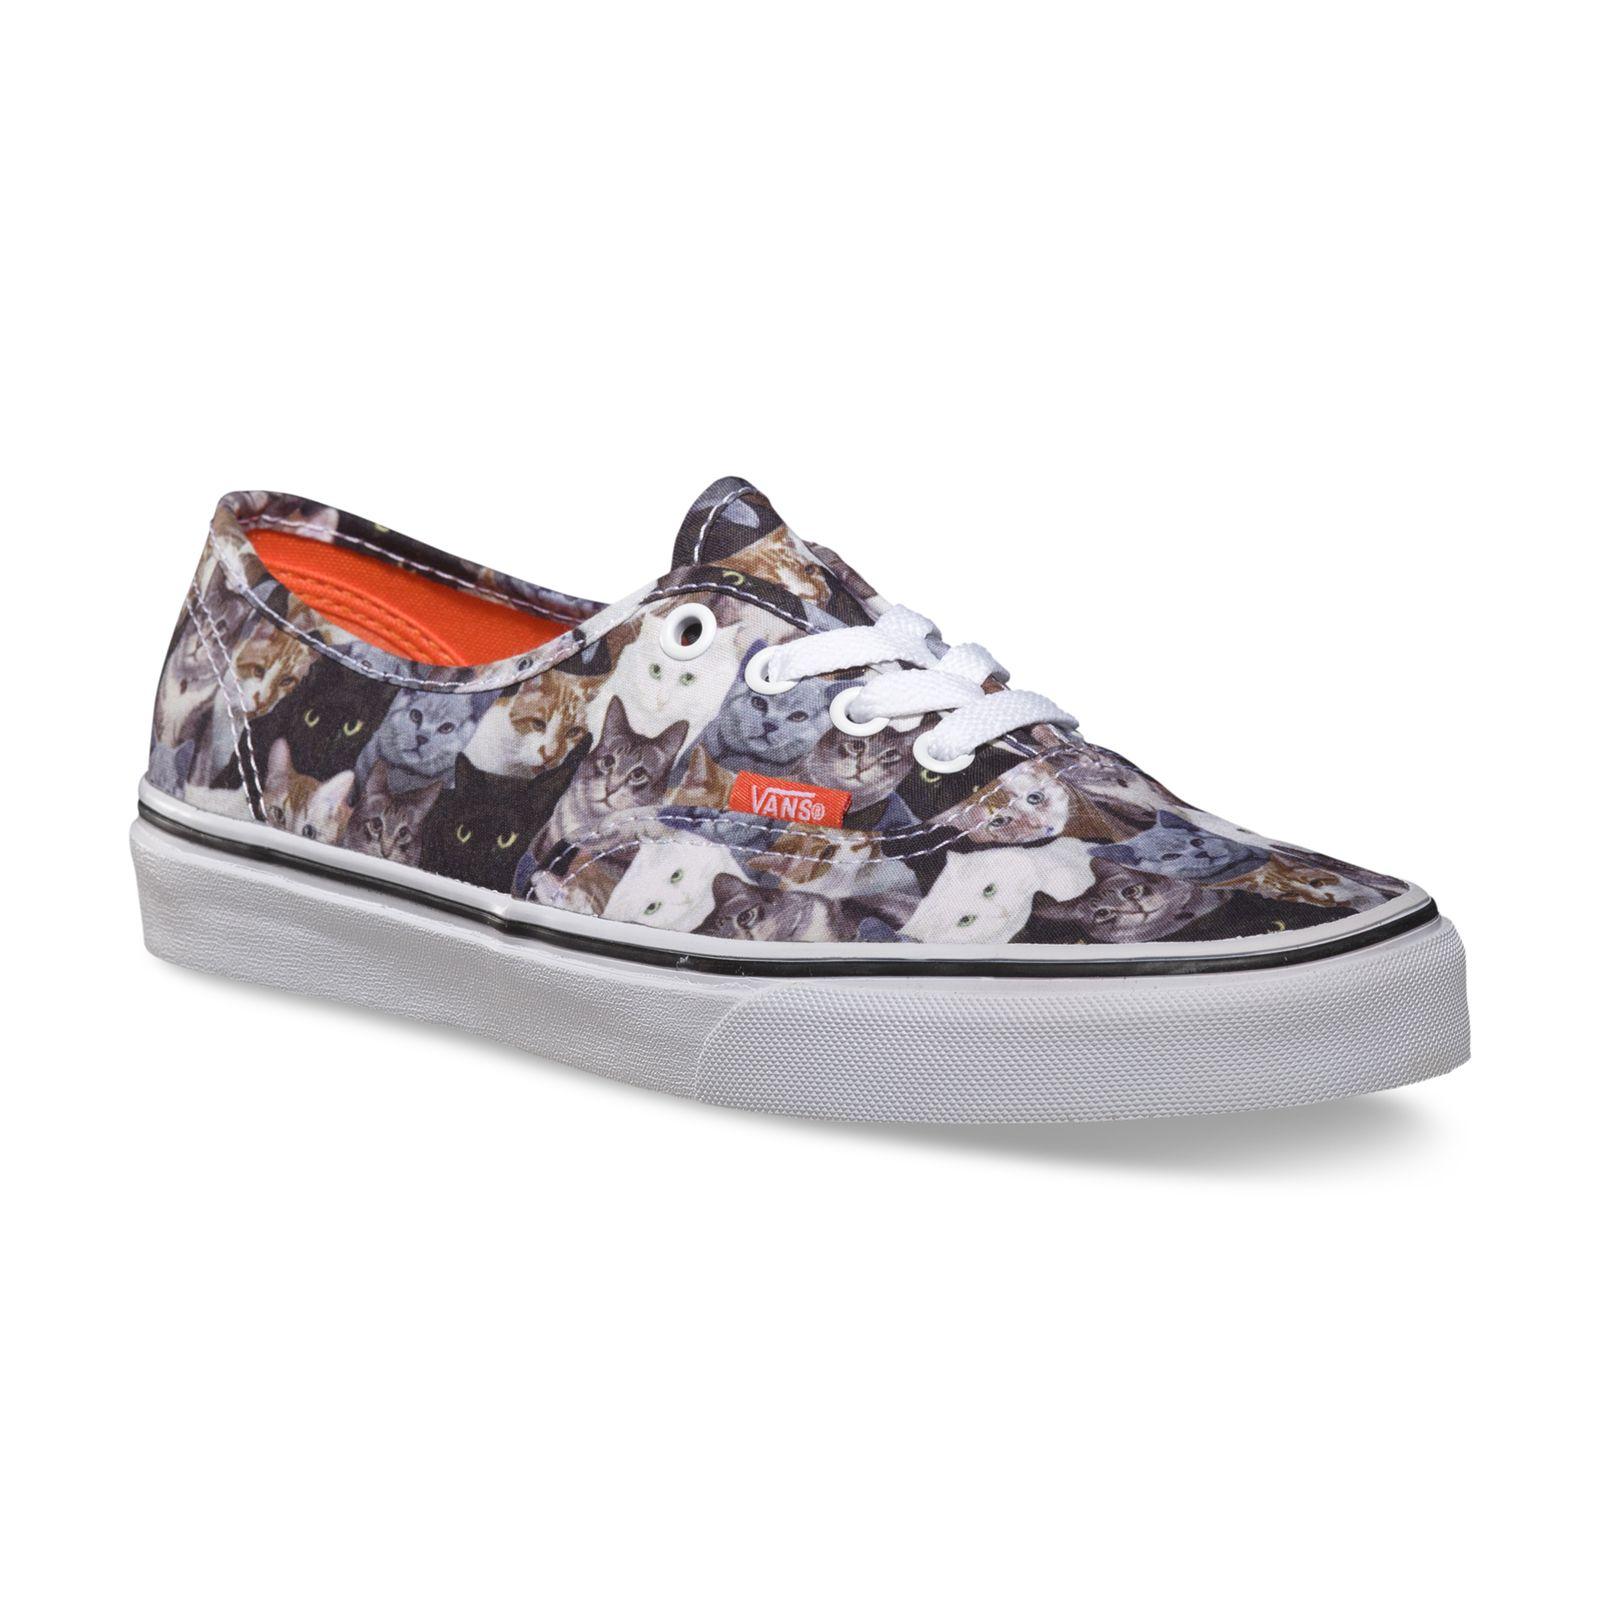 ASPCA Vans   Mens vans shoes, Vans shop, Shoes